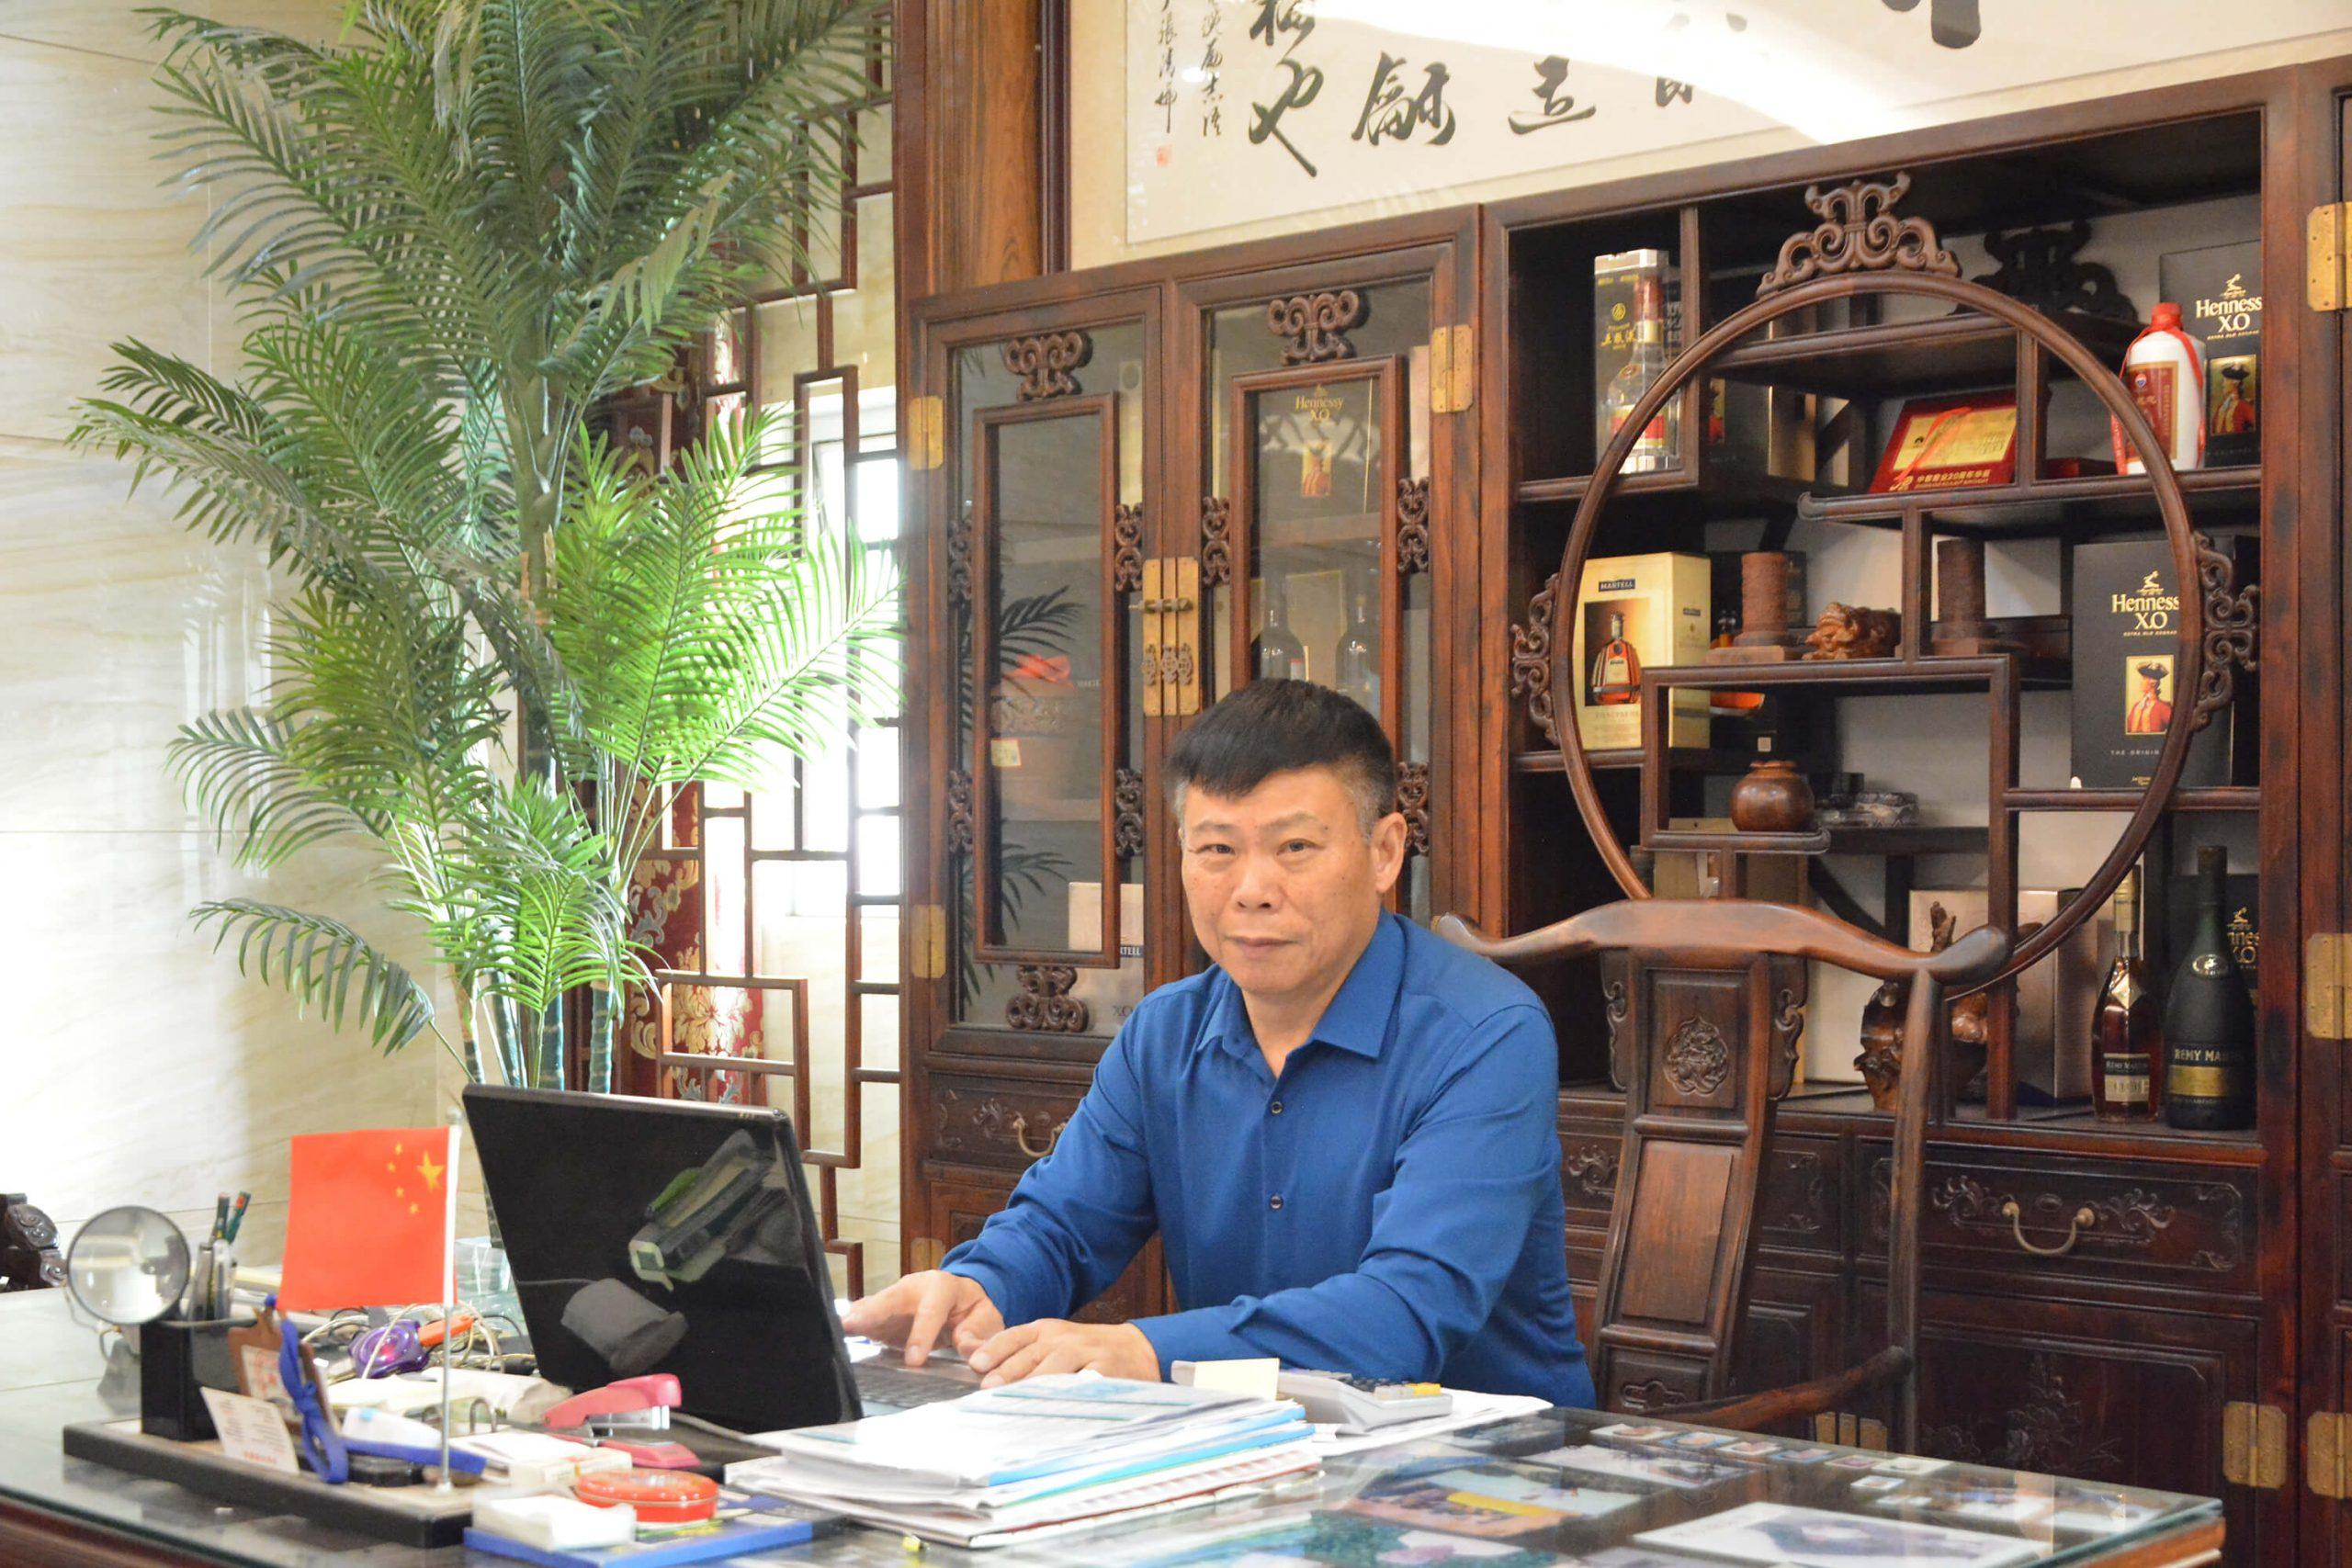 JianYe's Leader